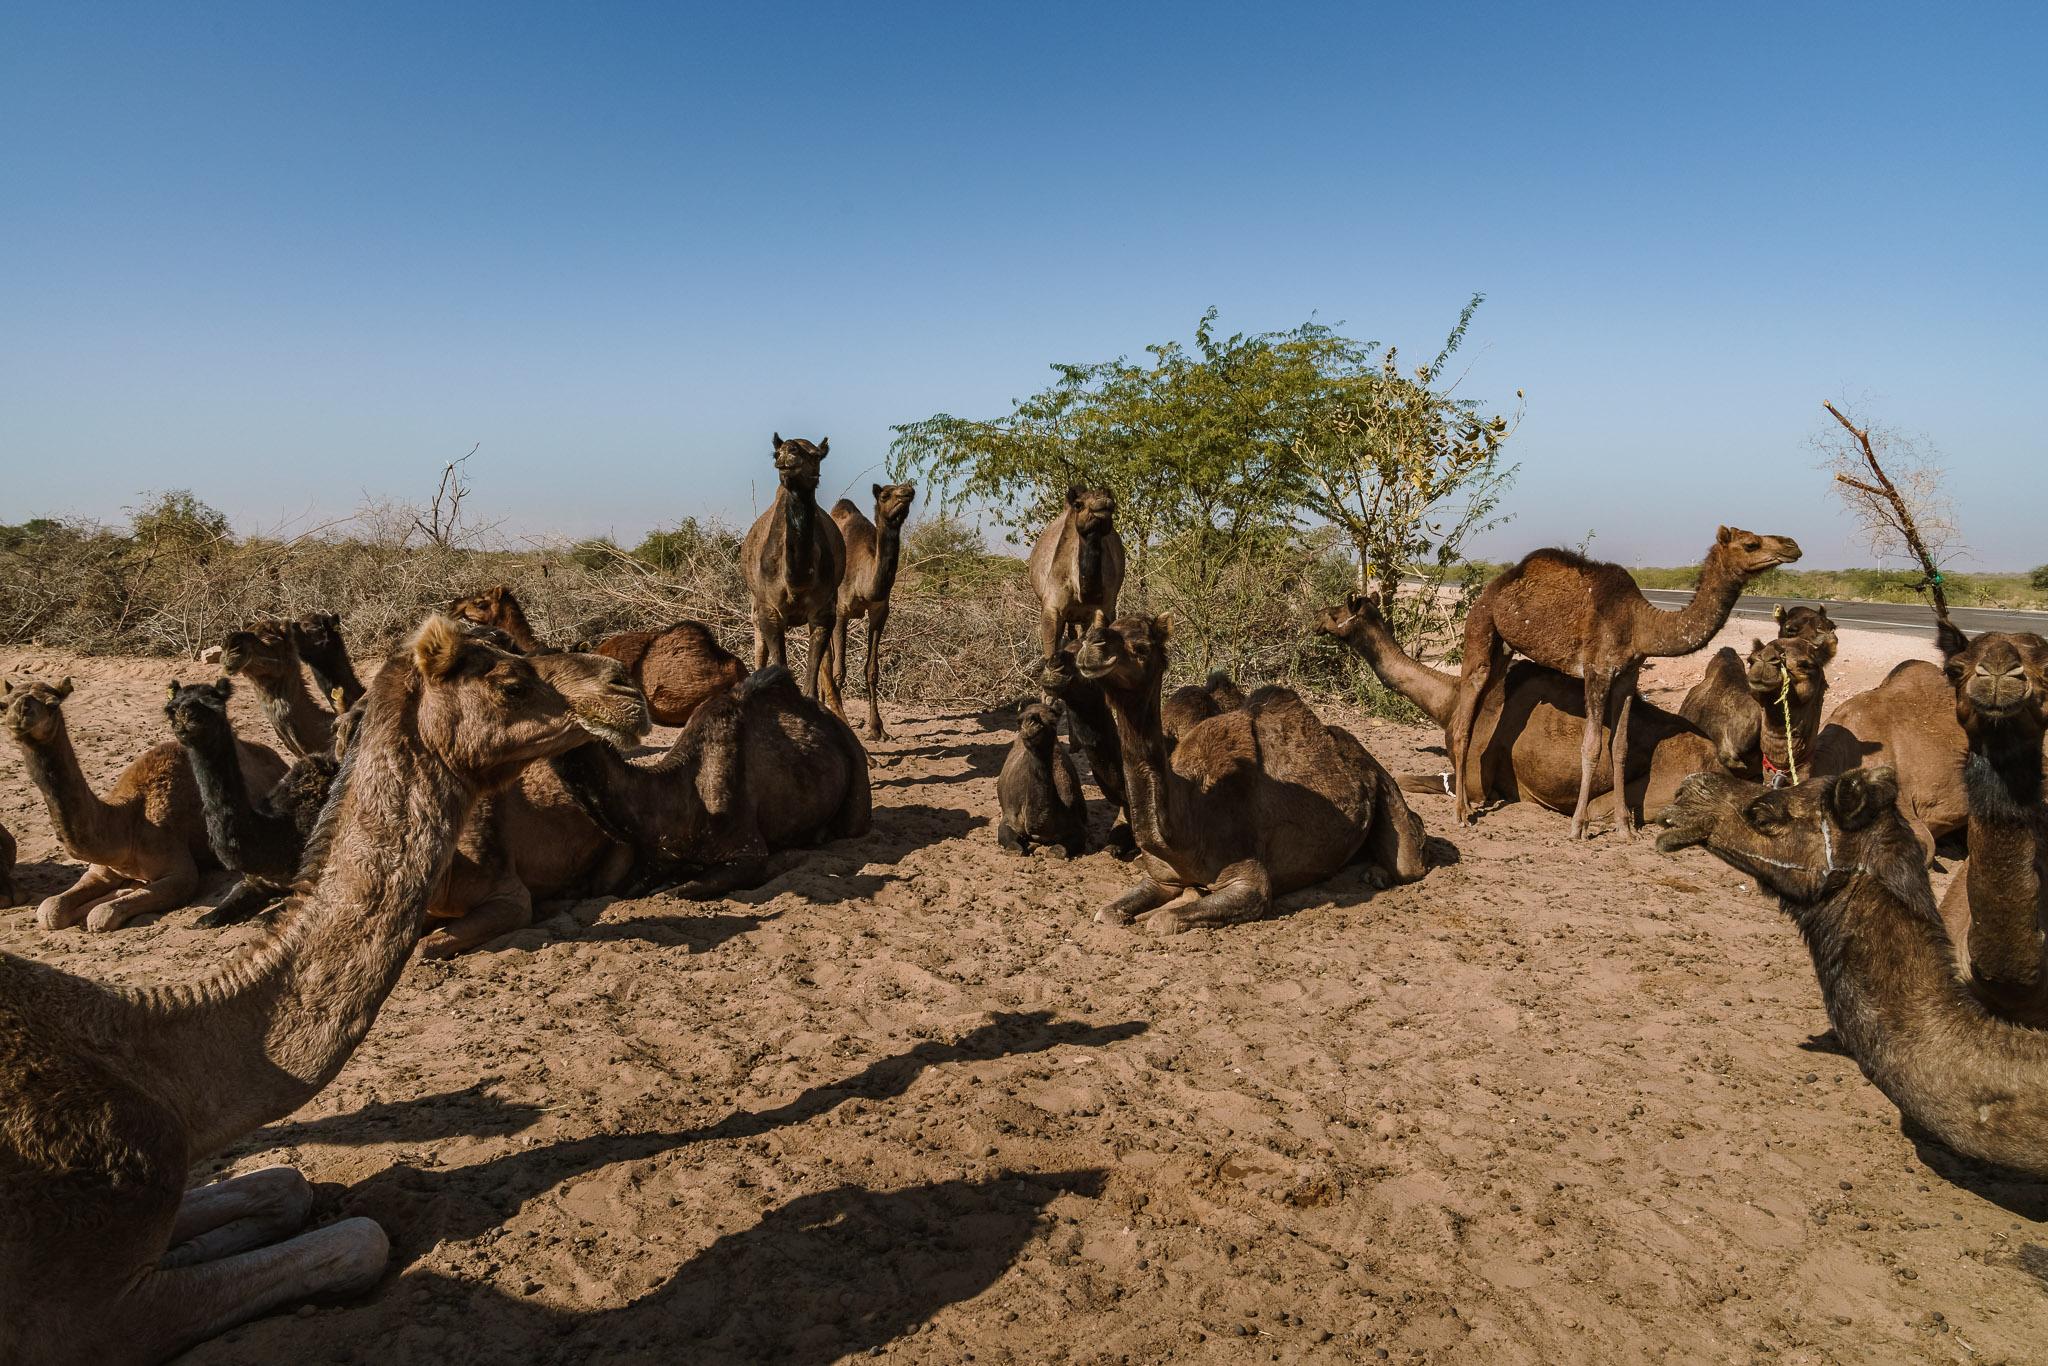 India-pokhran-camel-farmer-4.jpg